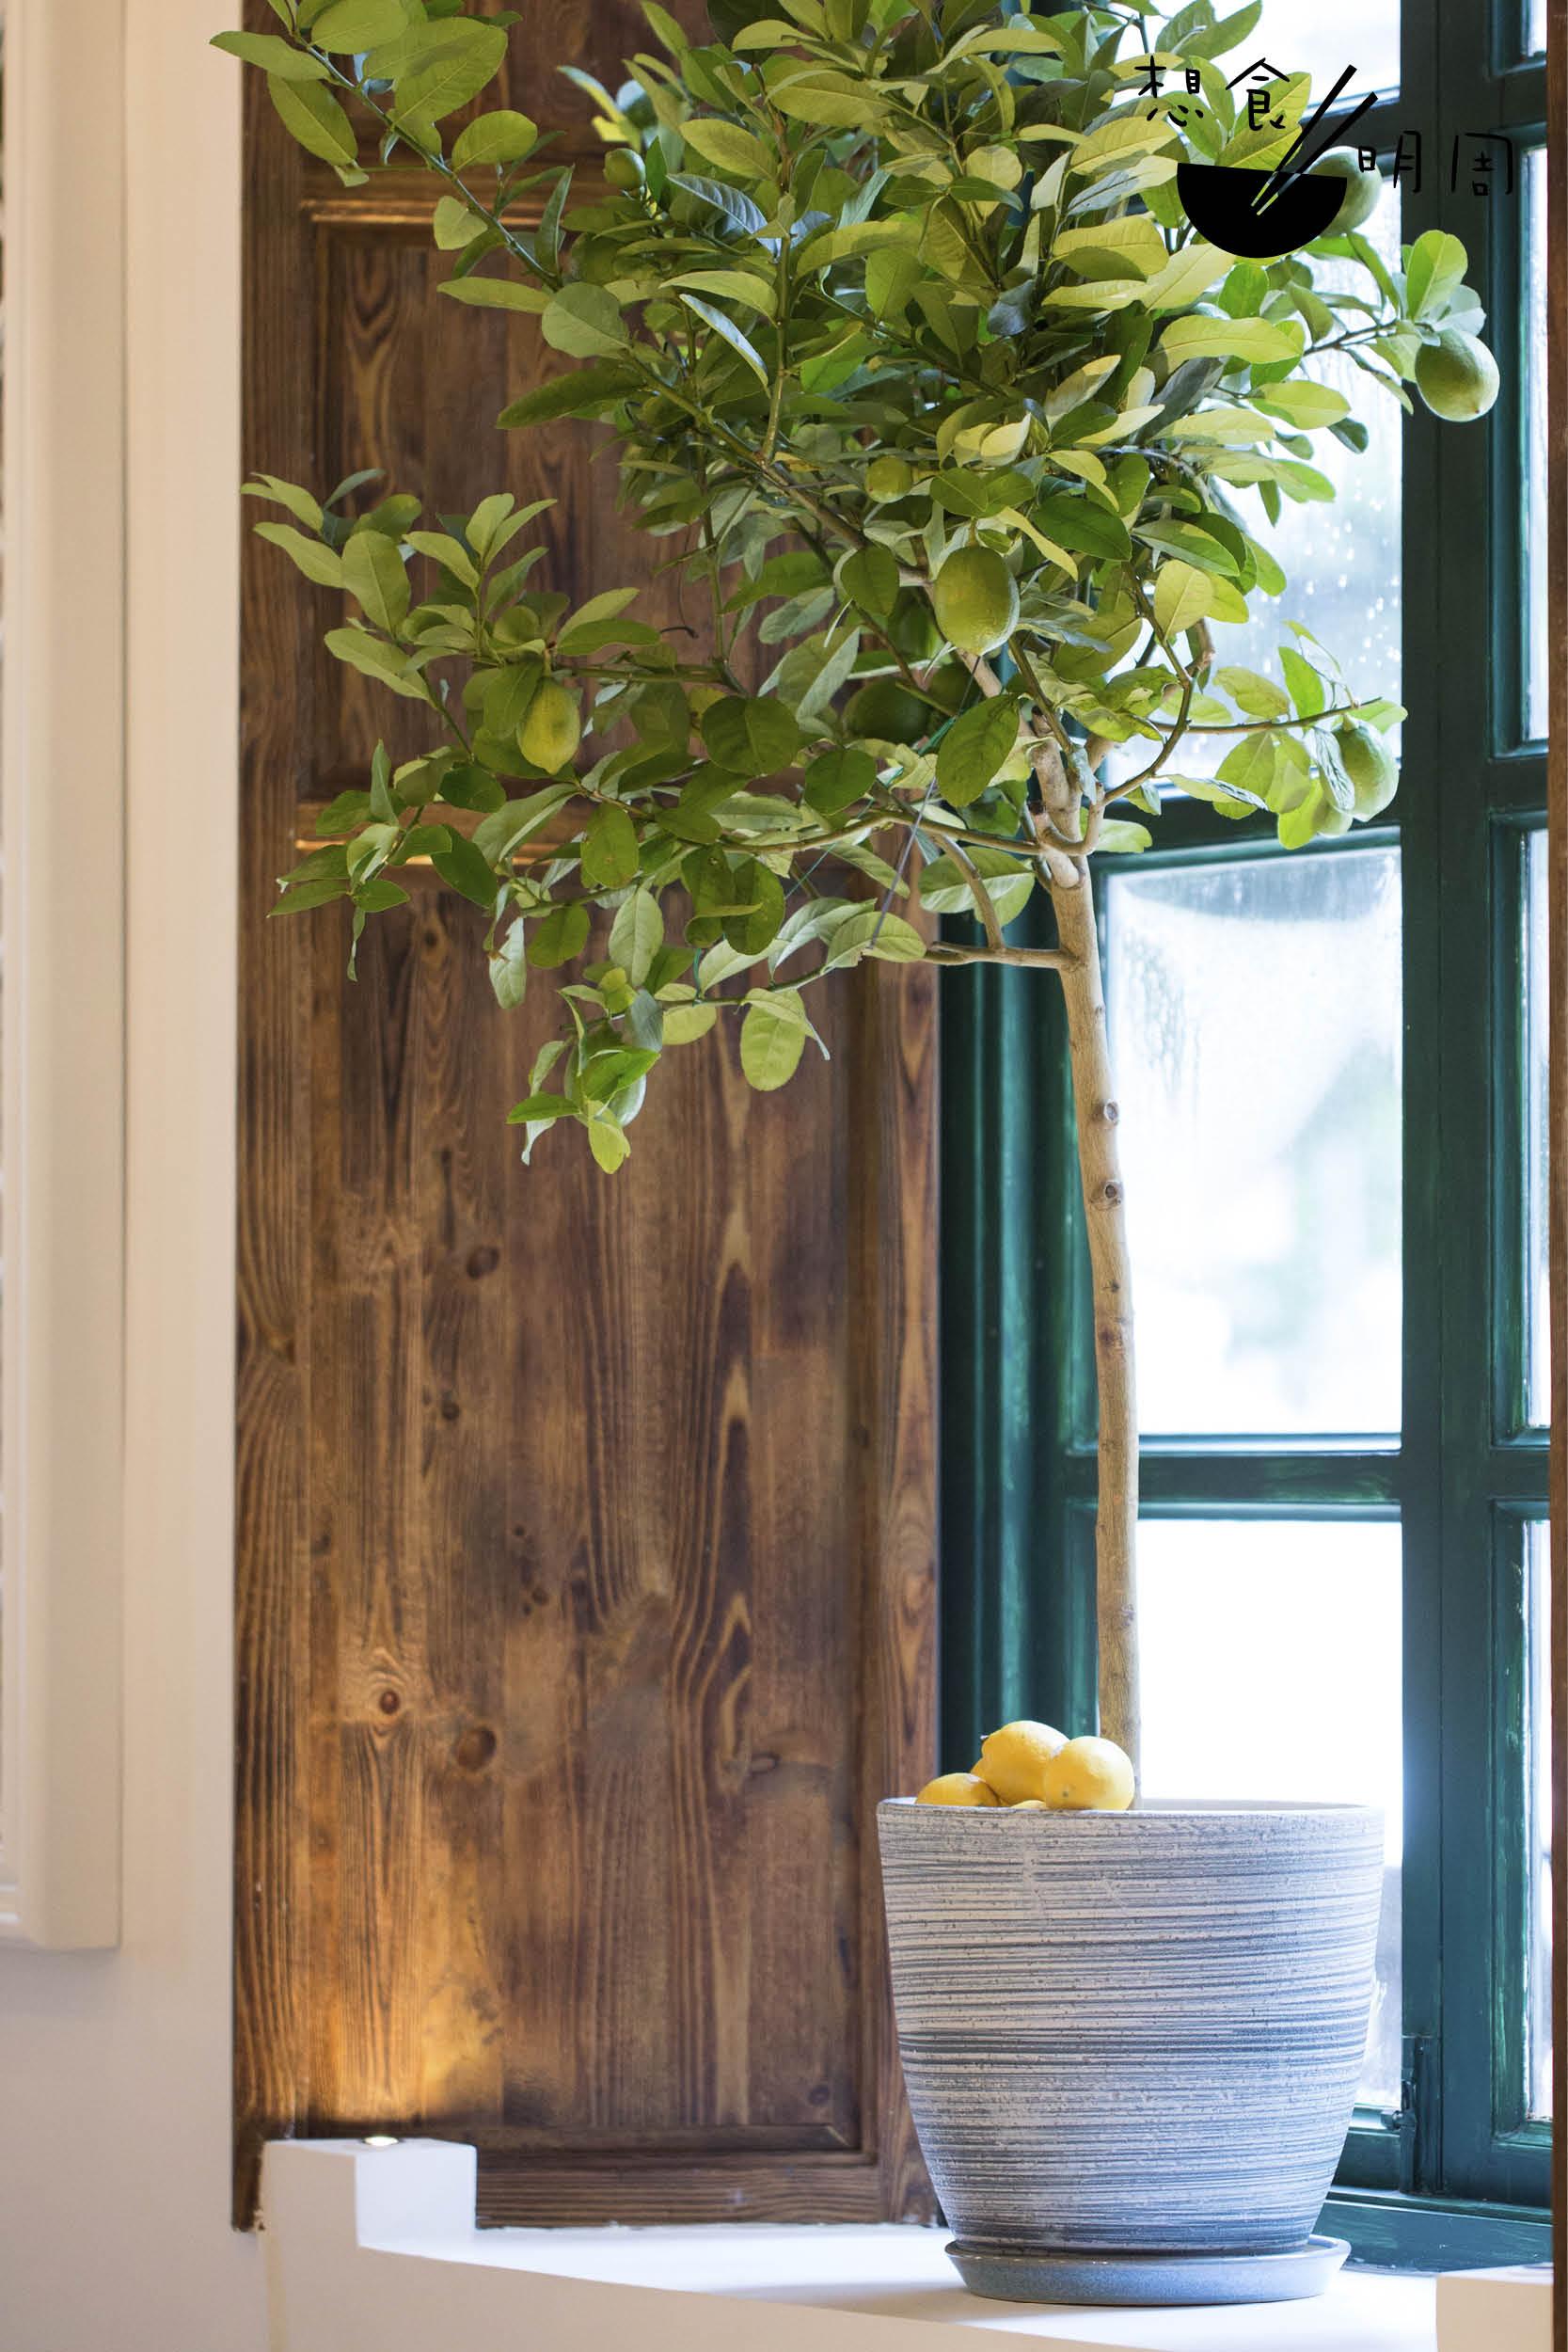 用餐區的窗台上放了兩棵檸檬樹,樹上吊着青果與漸轉成熟的黃檸檬,細問才知道竟然是從意大利直飛到港的阿瑪菲檸檬樹。能否茁壯成長?Sergio也笑說不太肯定,但其思念故鄉果物之心,從中可見。